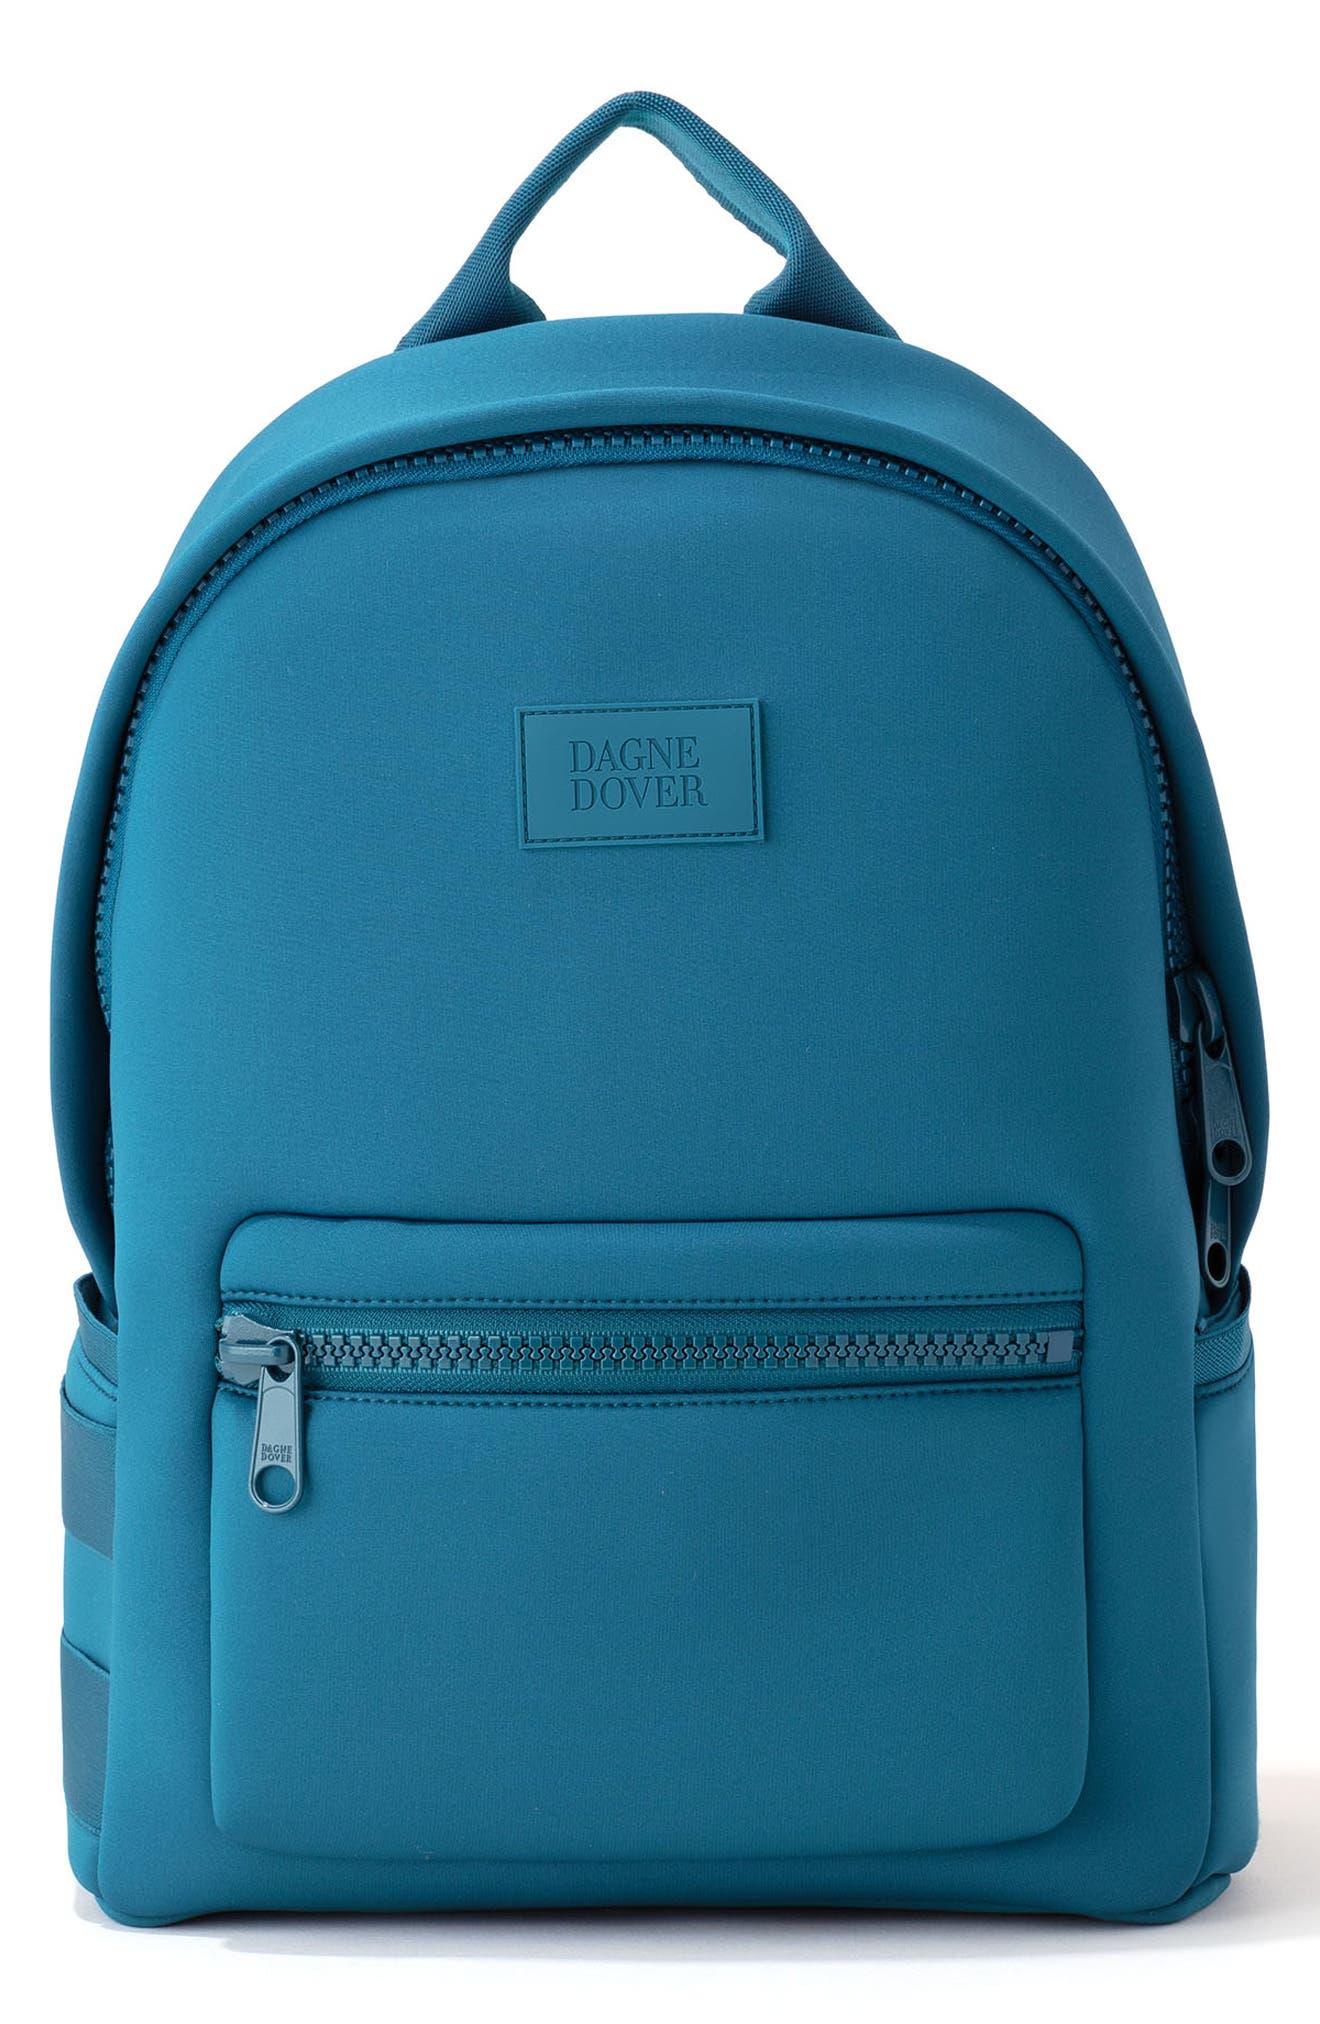 DAGNE DOVER 365 Dakota Neoprene Backpack, Main, color, BAY BLUE